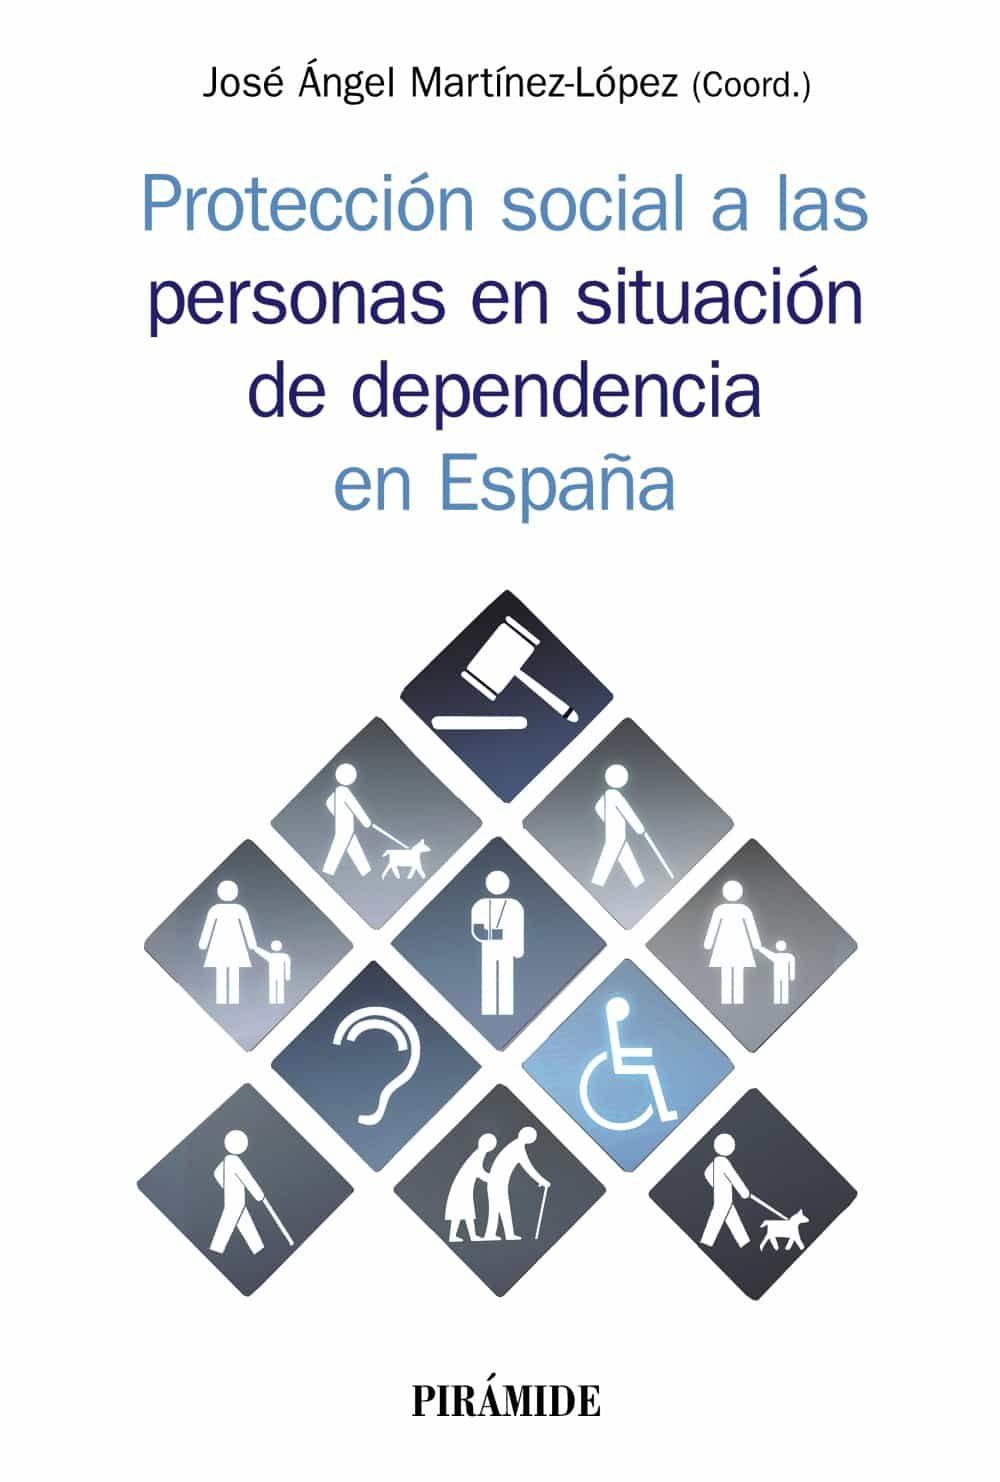 Proteccion Social A Las Personas En Situacion De Dependencia En España - Martinez Lopez Jose Angel